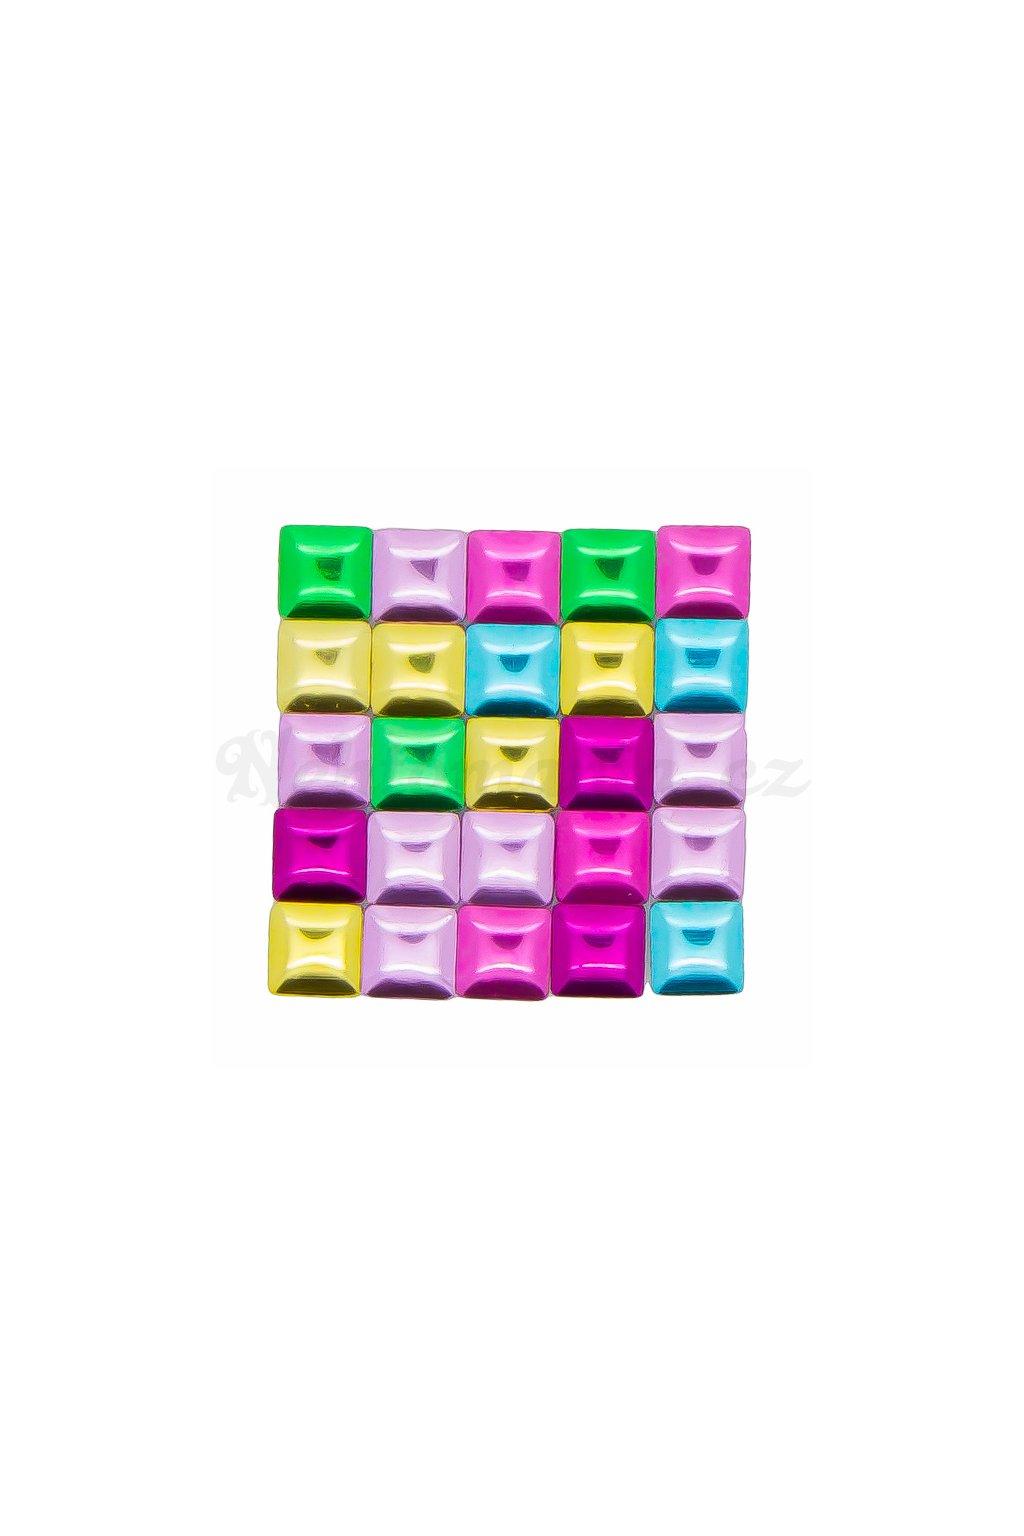 22589 barevne kosticky